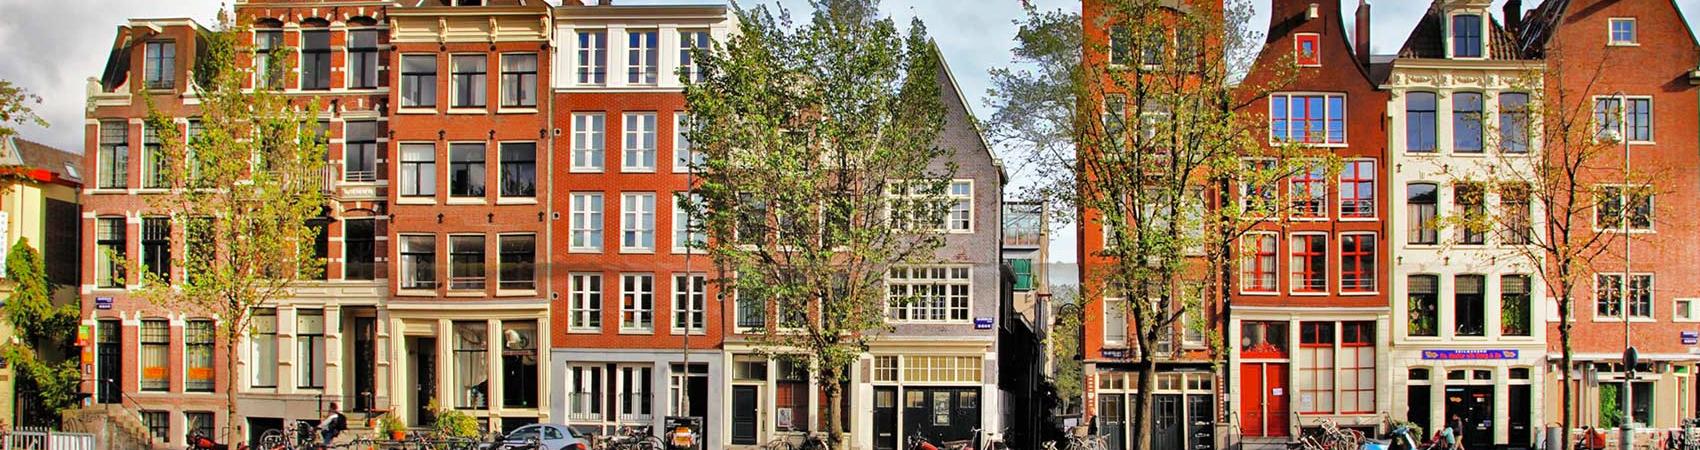 Cosa e dove mangiare ad amstedam piatti tipici e pub for Amsterdam mangiare